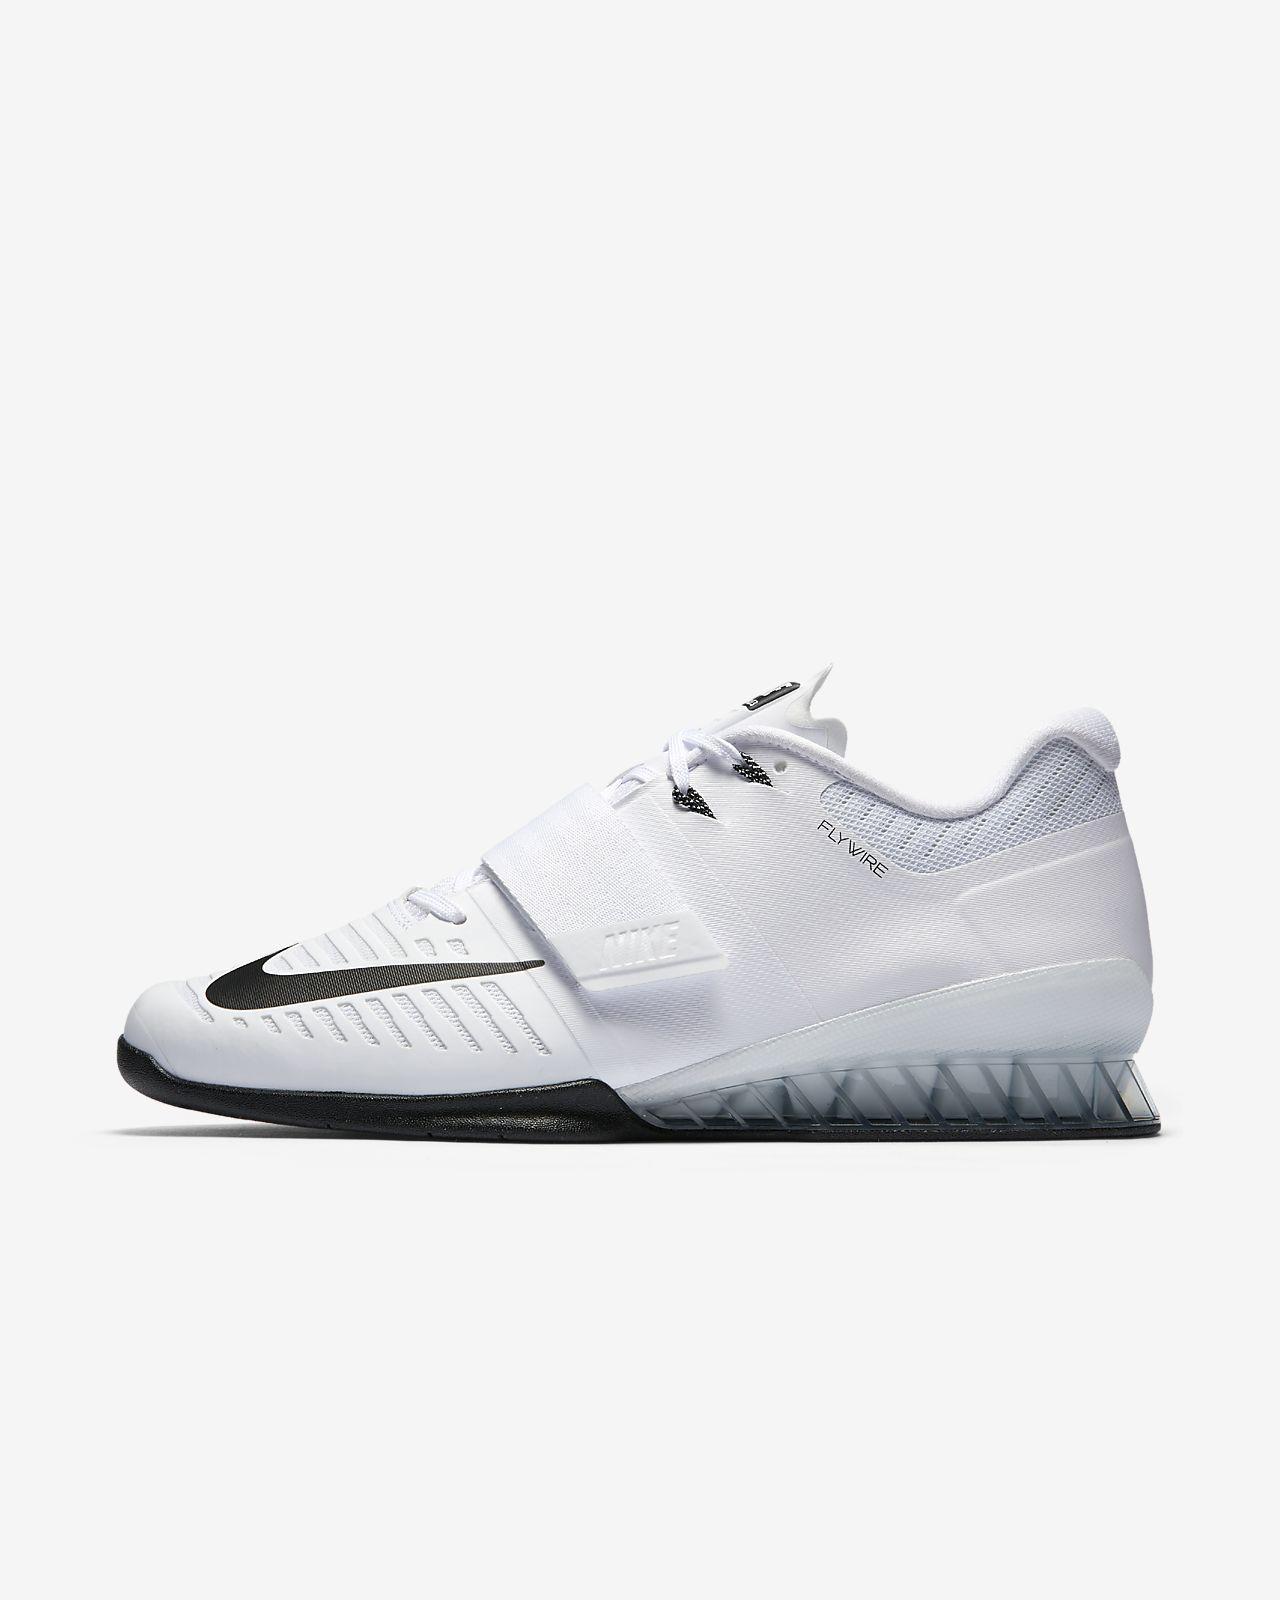 Nike Romaleos 3 White Volt Black 852933100